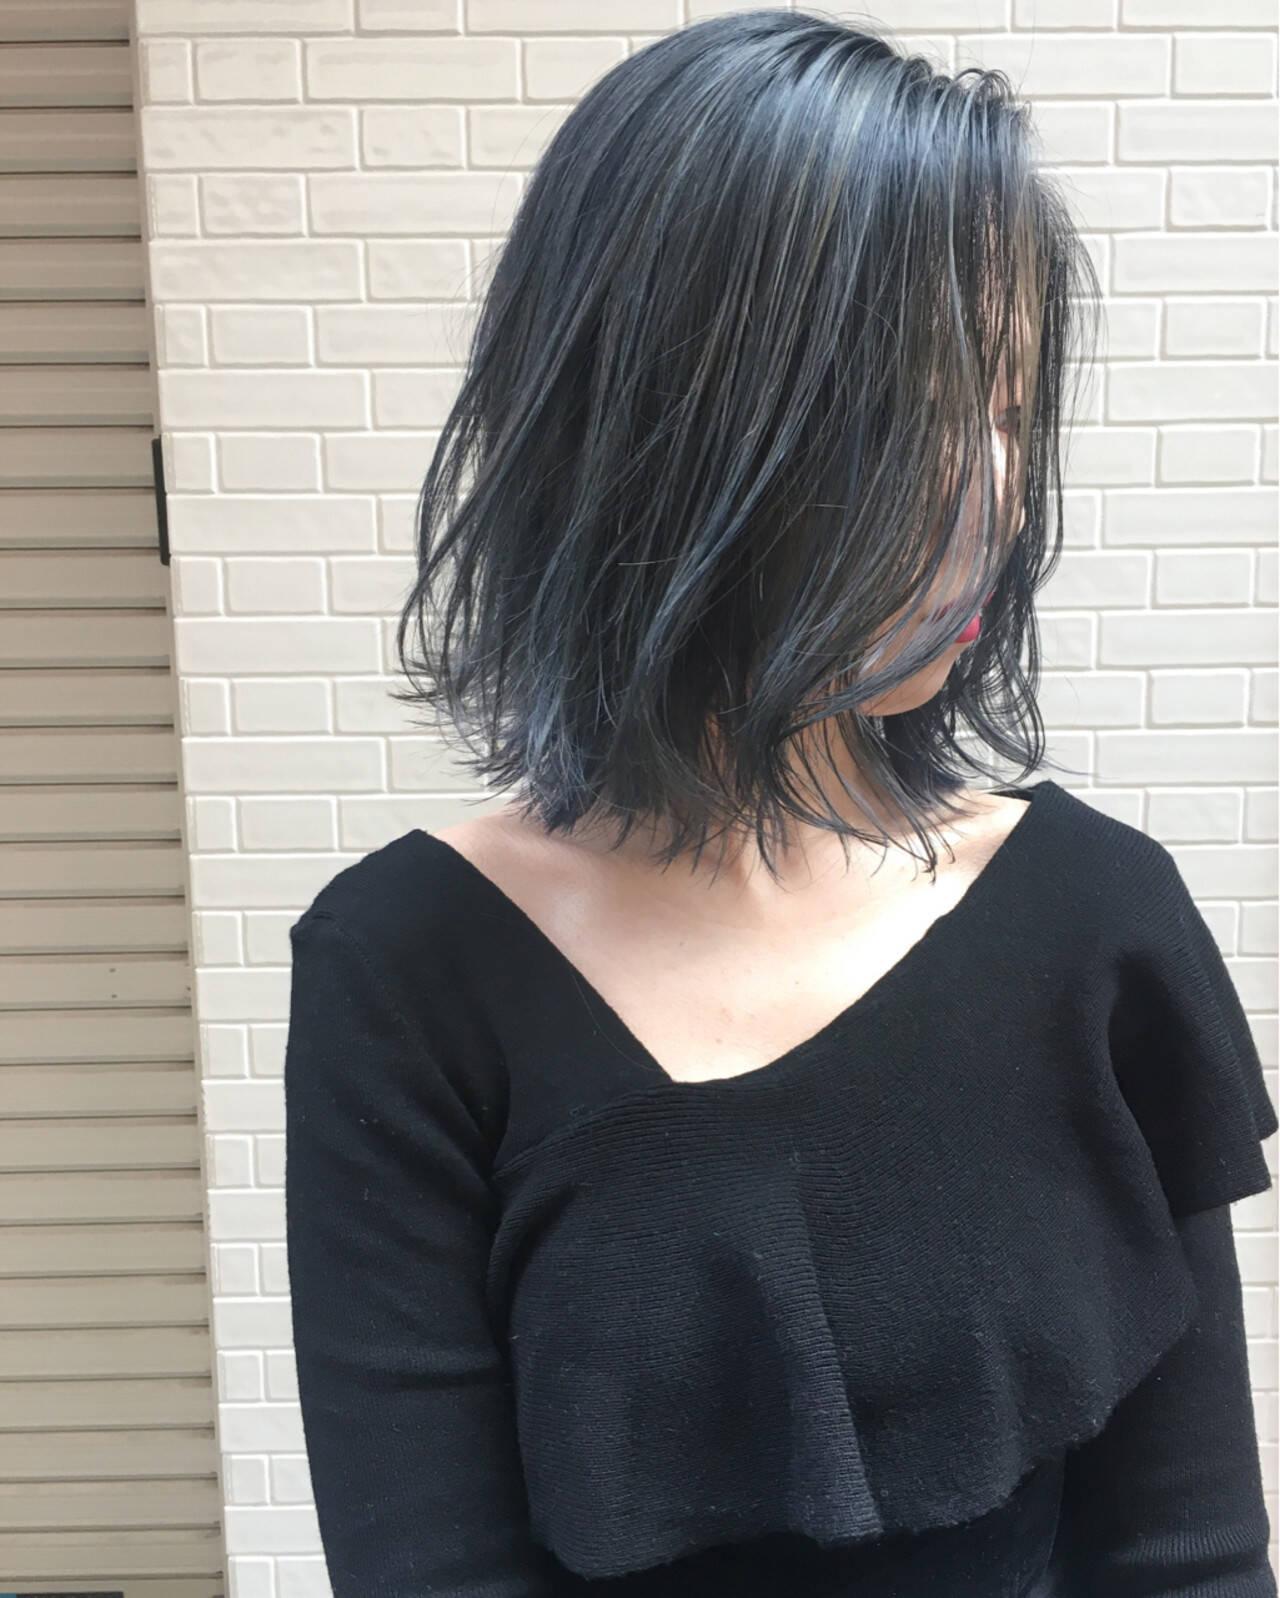 エレガント 謝恩会 ボブ ブリーチヘアスタイルや髪型の写真・画像